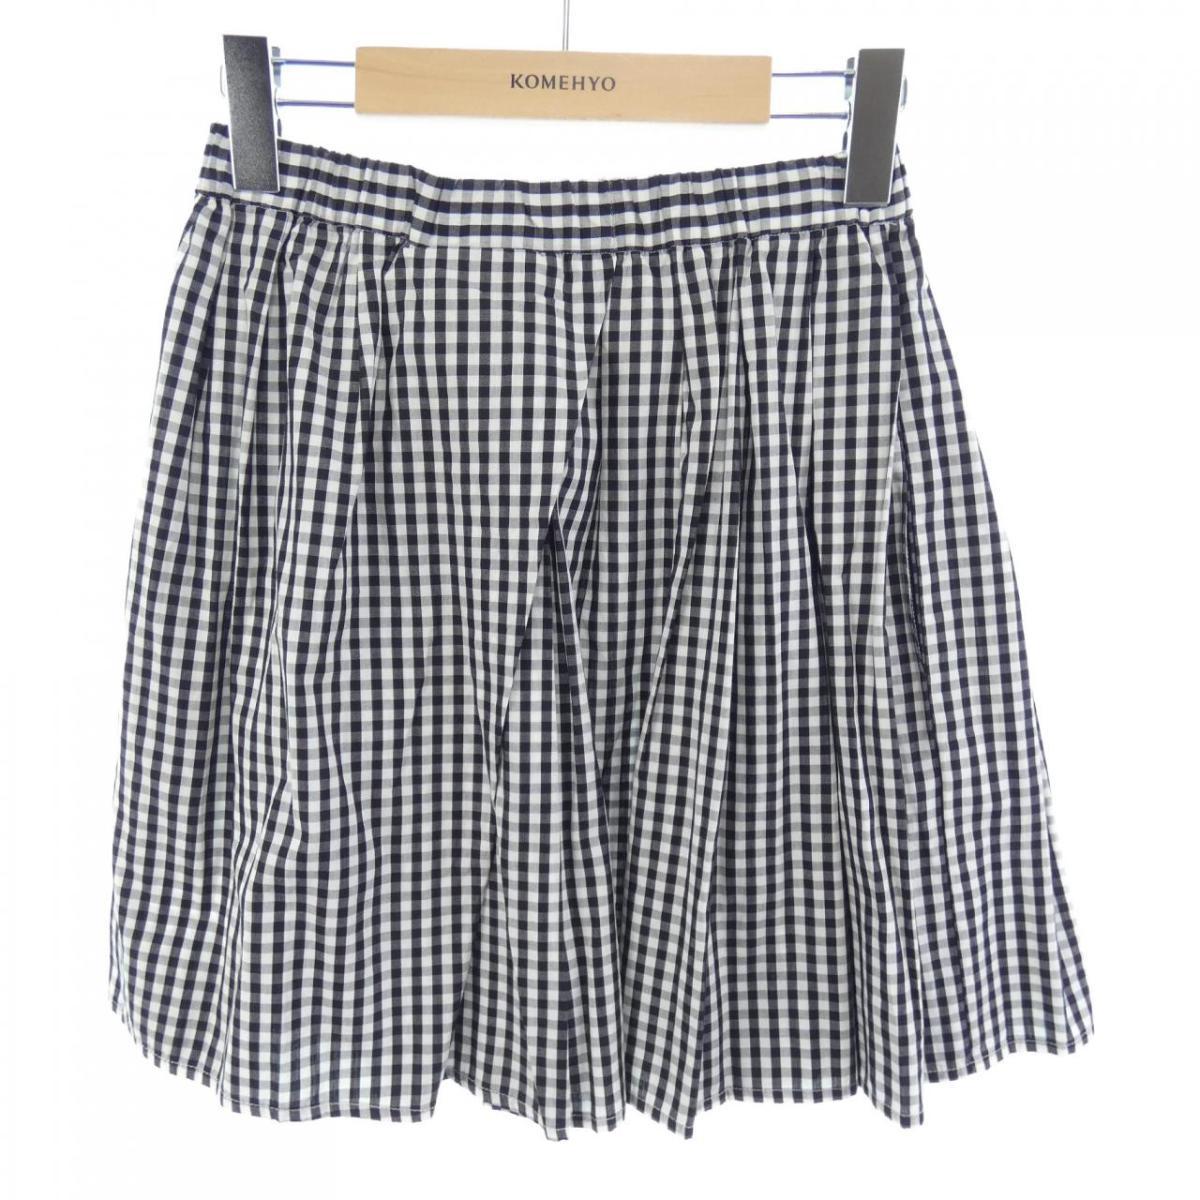 ボトムス, スカート  N21